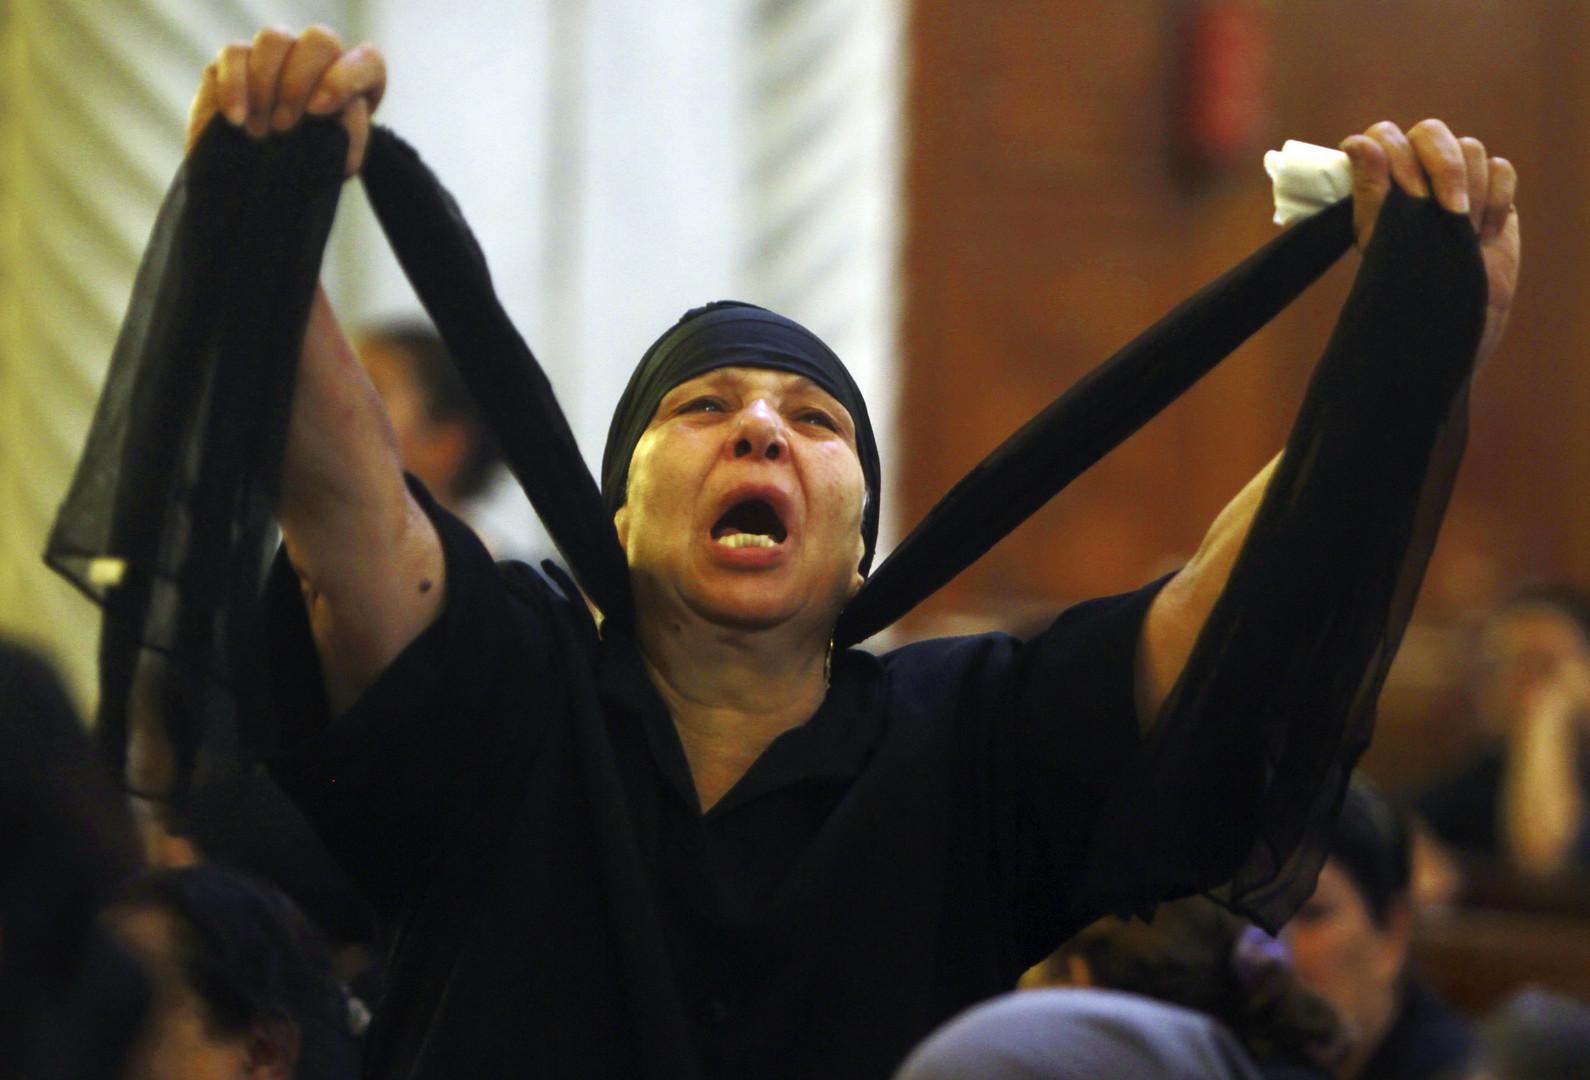 Französische Ministerin: 'Frauen die Kopfhaar verhüllen, sind wie Neger, die Sklaverei befürworten'